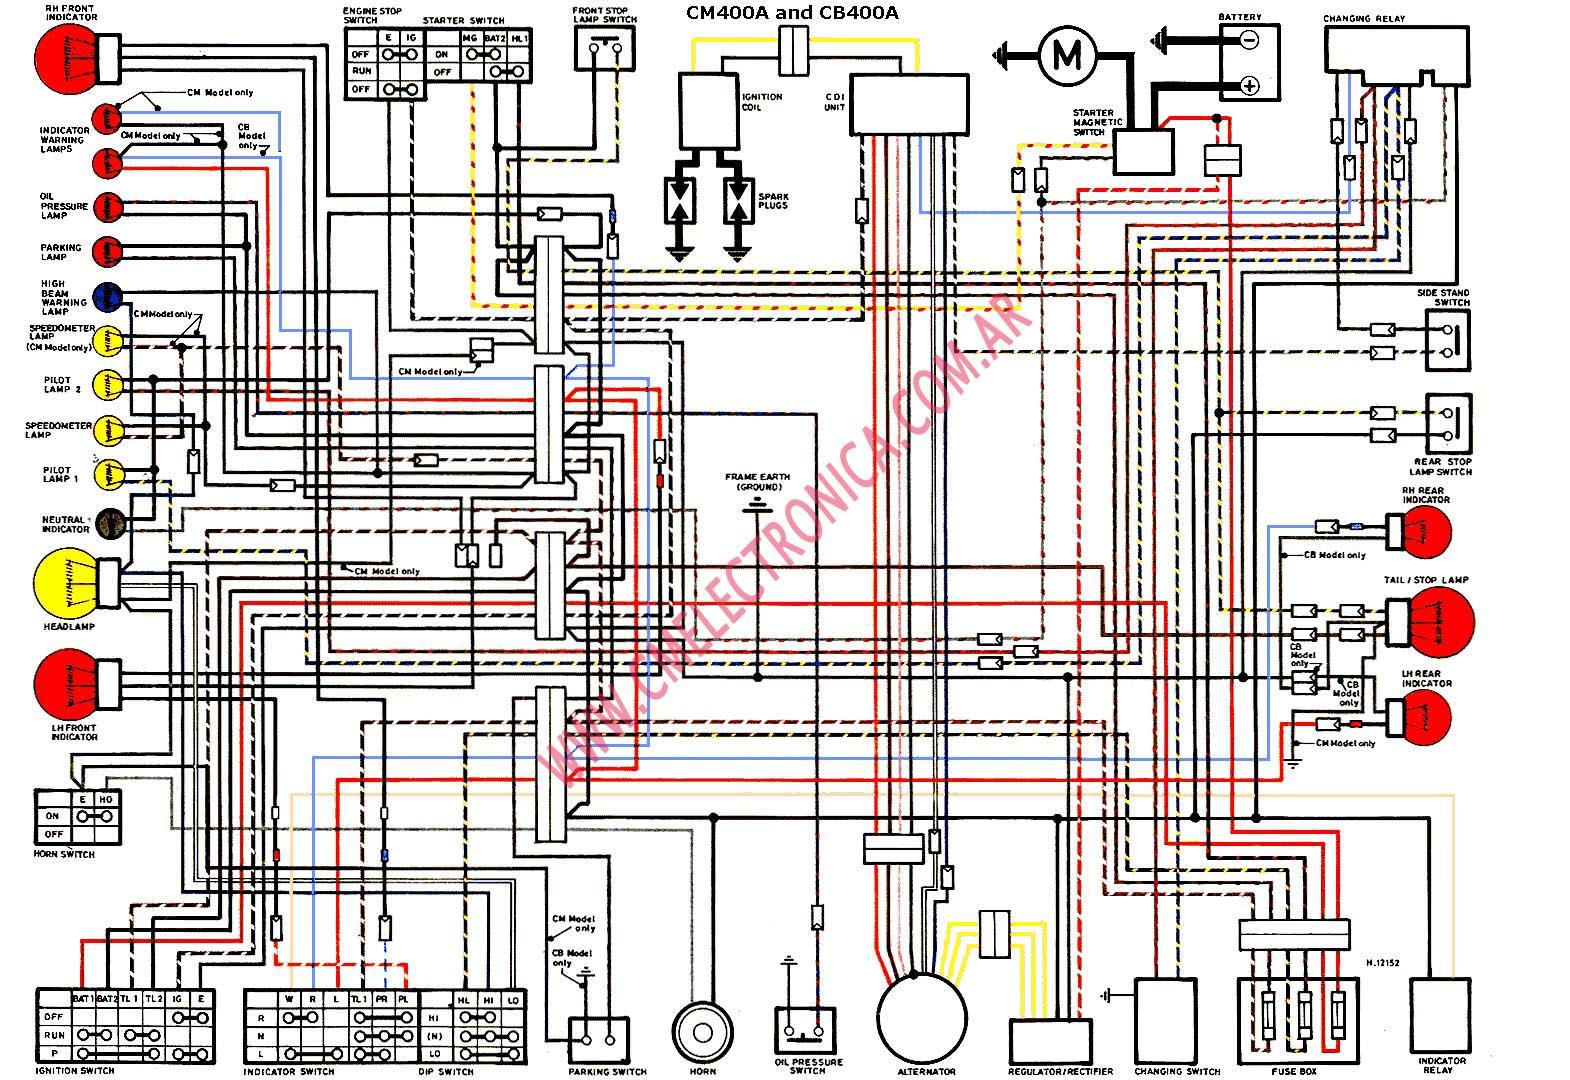 honda cm400a wiring diagram wiring diagram rh vw25 vom winnenthal de